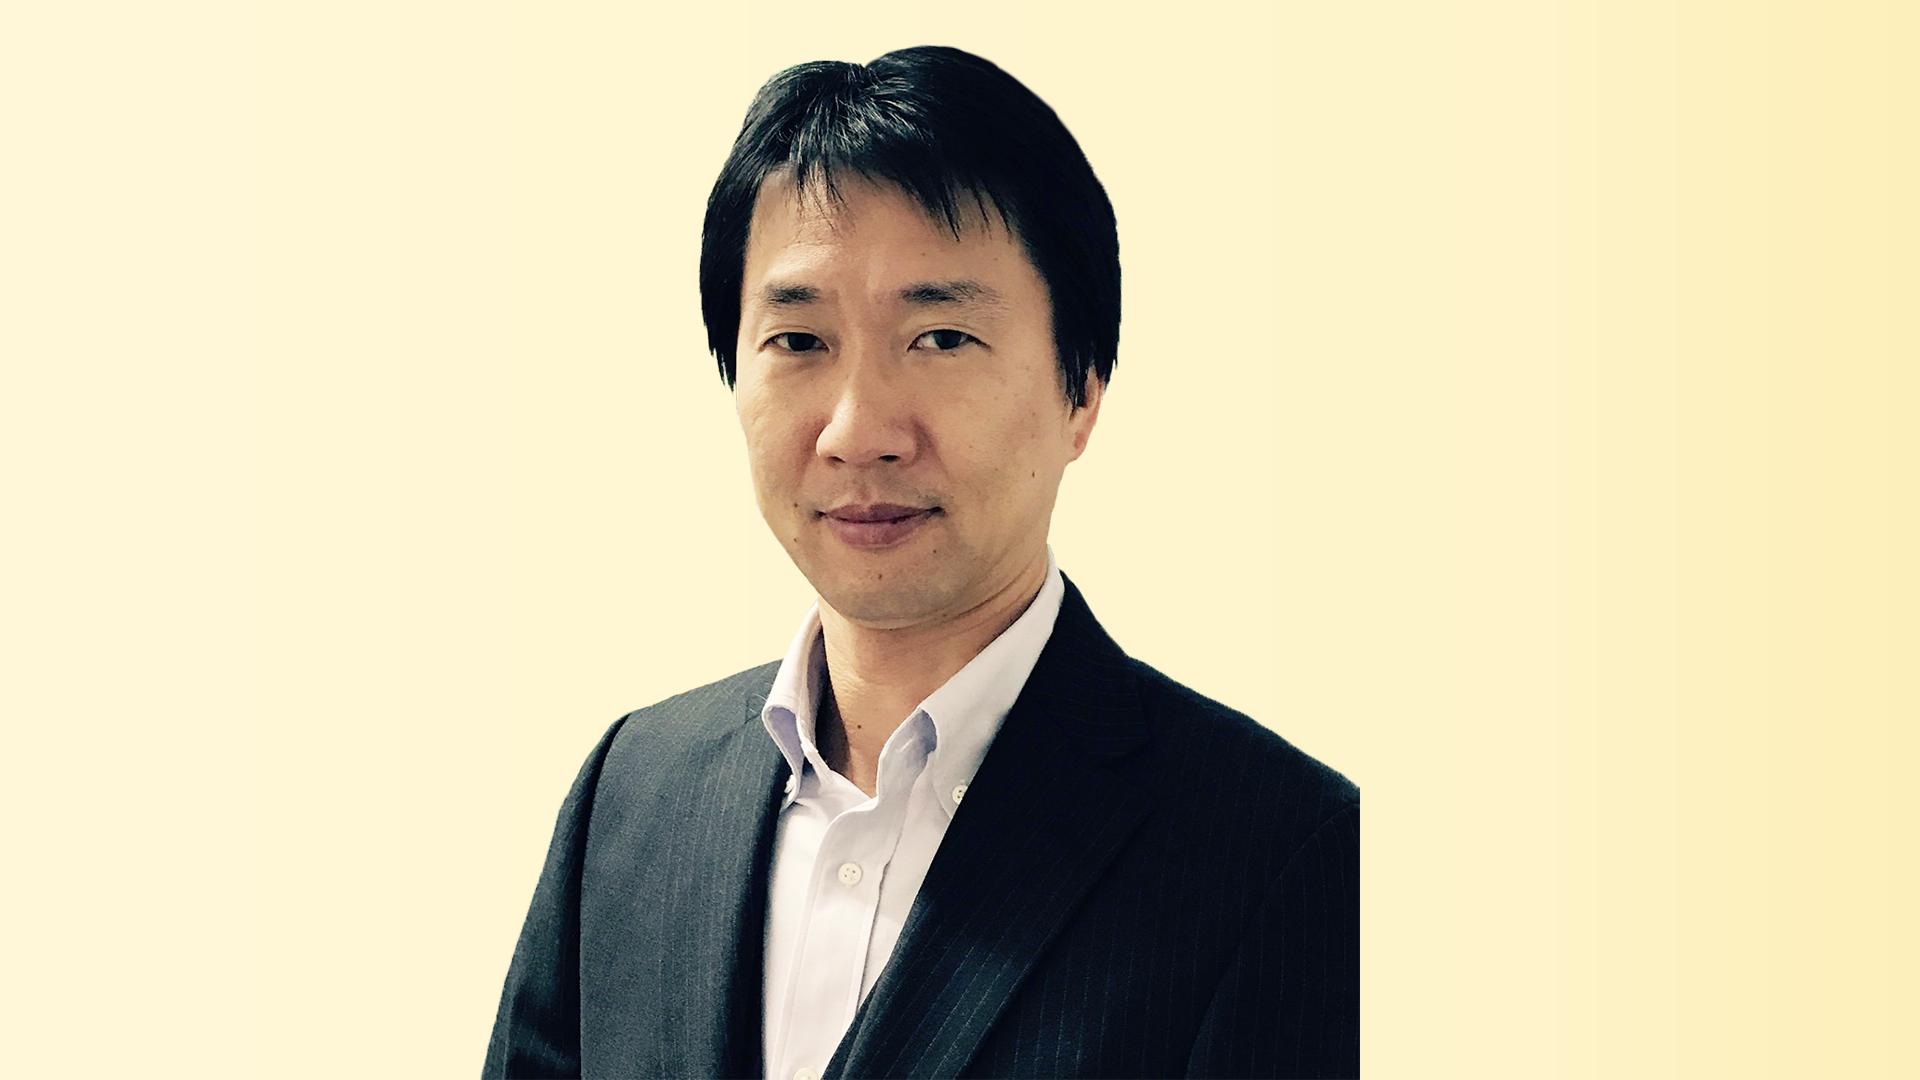 Tsuneo Sakai